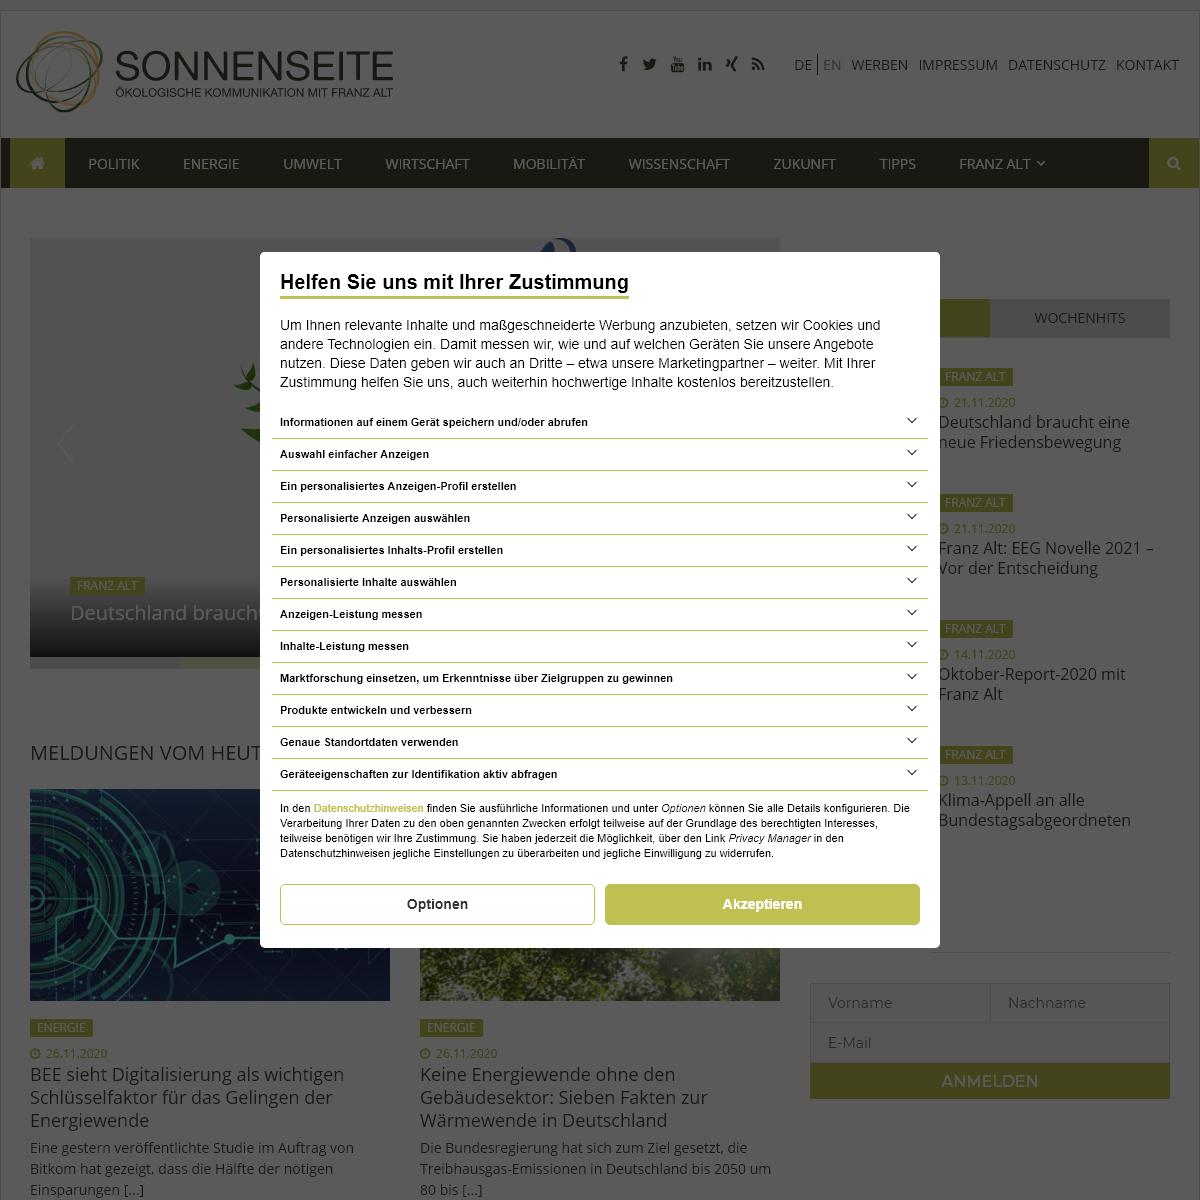 Home - Sonnenseite - Ökologische Kommunikation mit Franz Alt